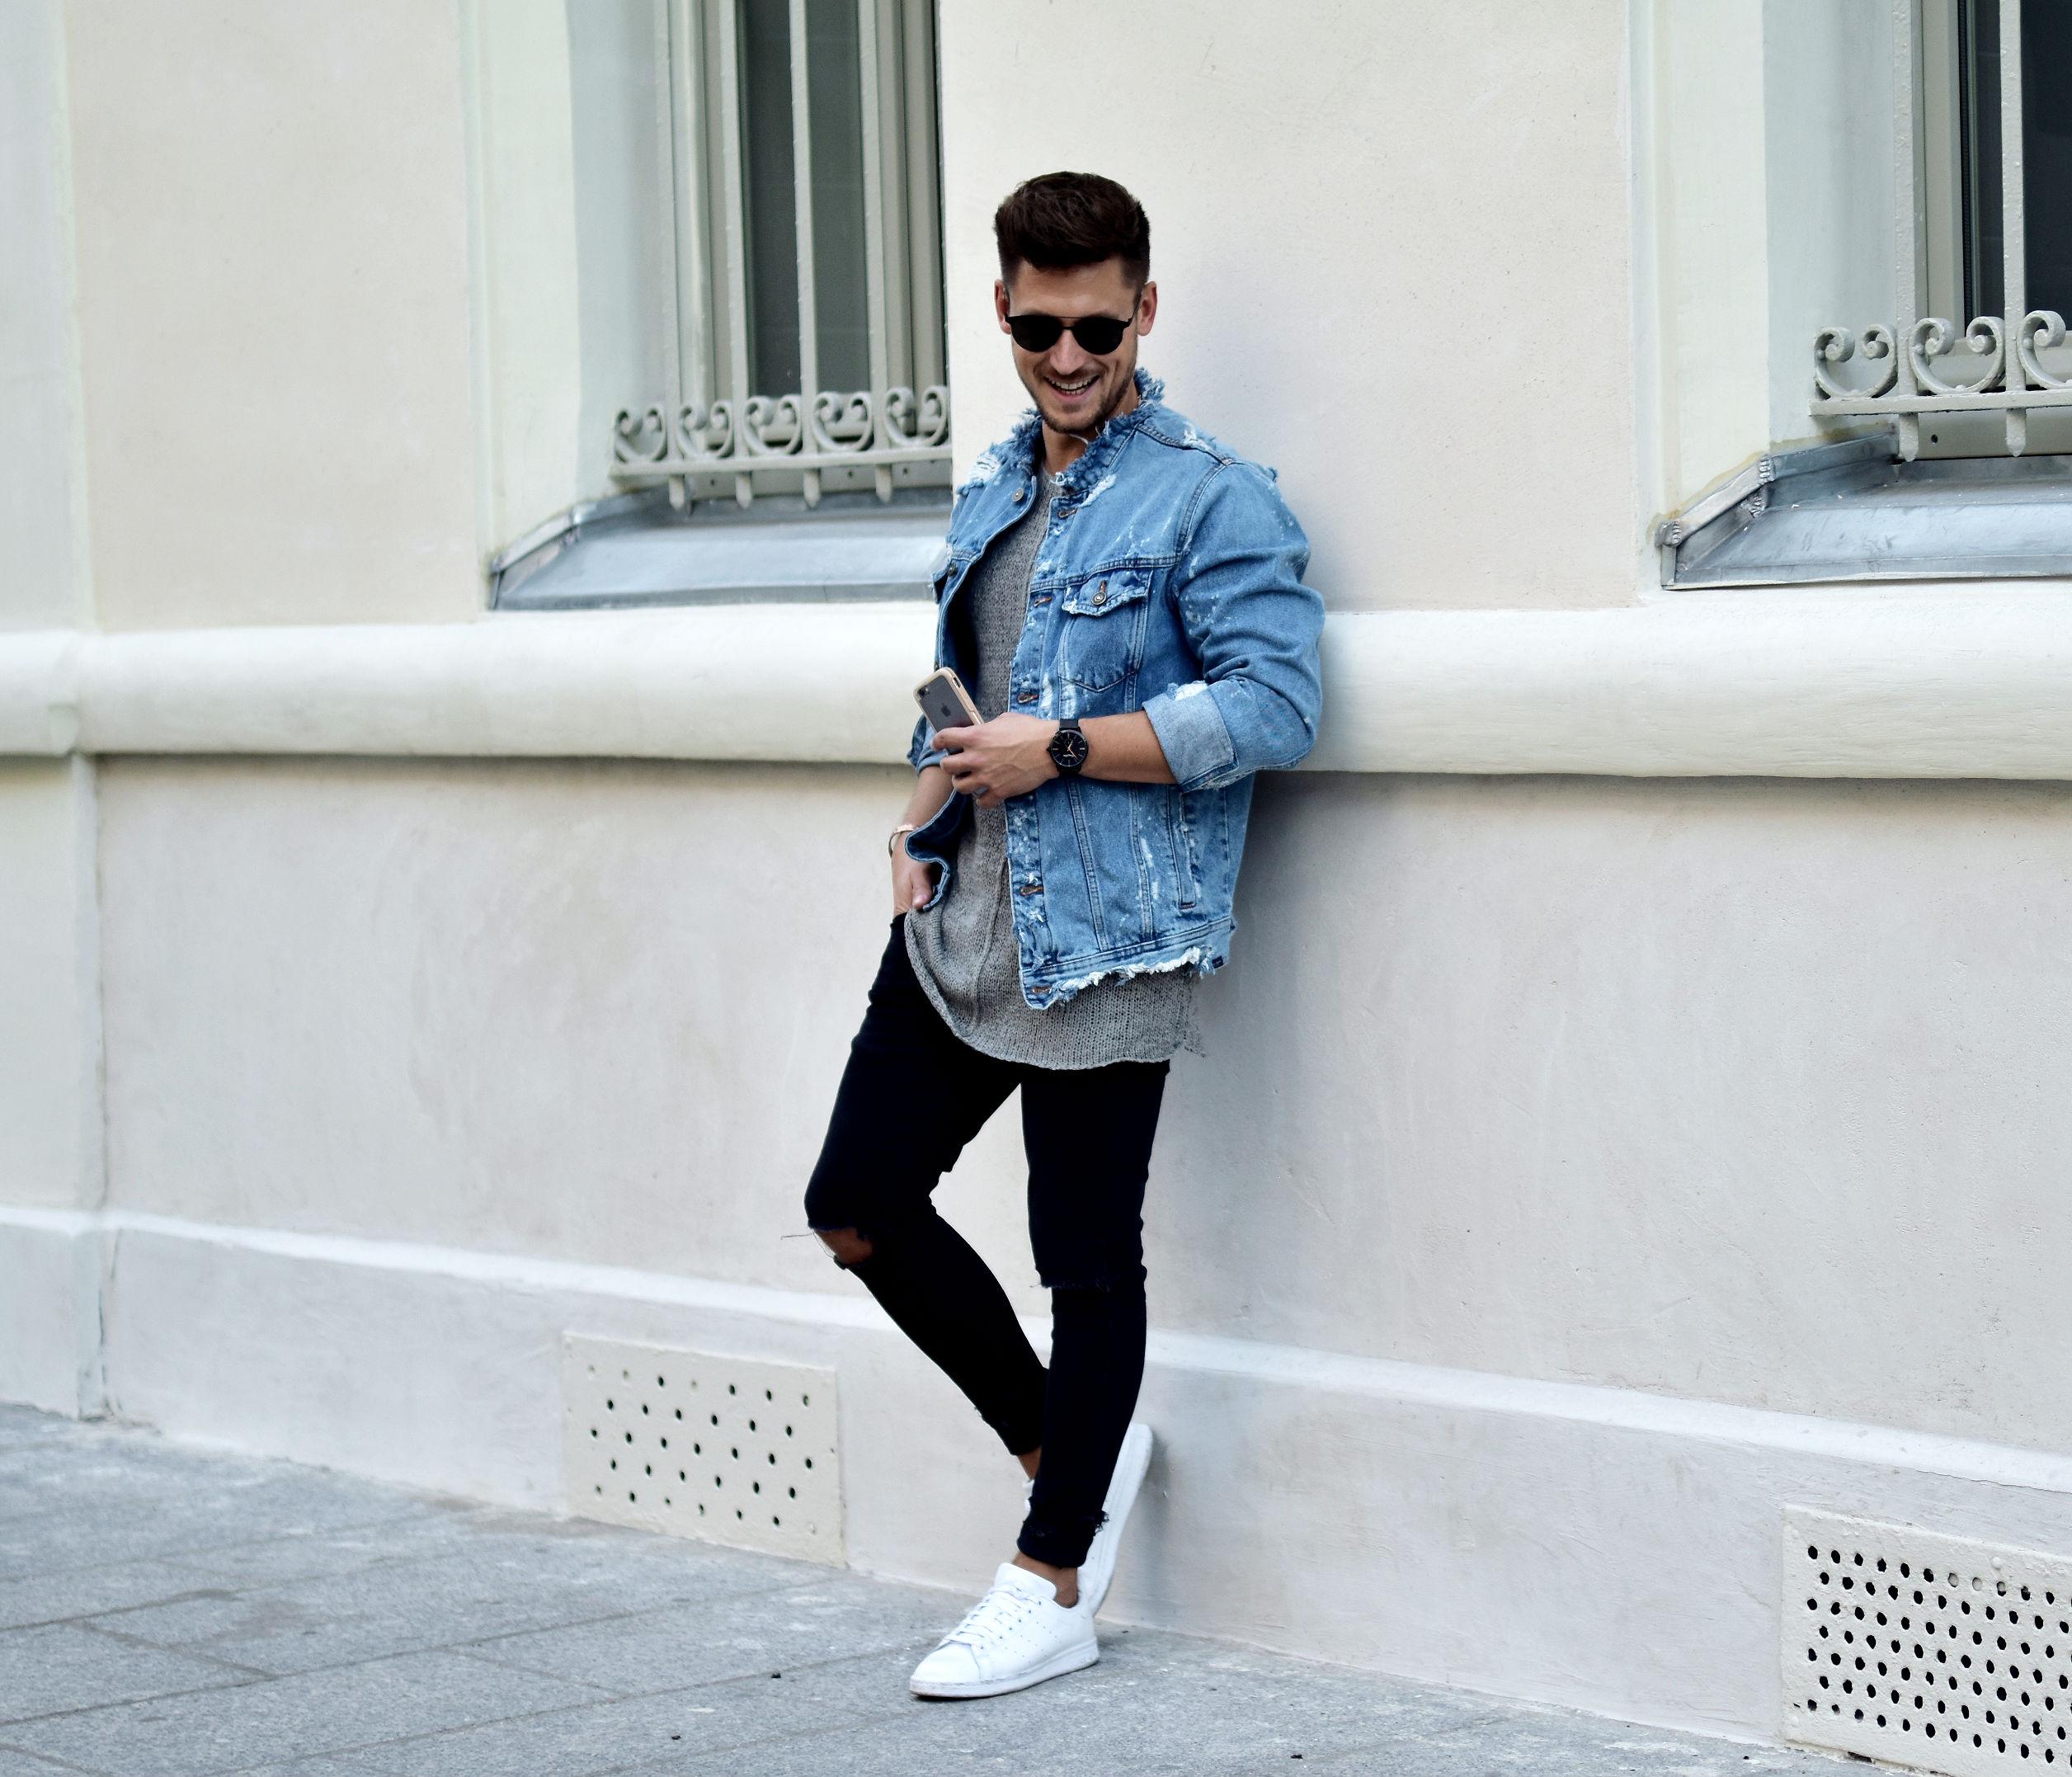 tommeezjerry-styleblog-maennerblog-maenner-modeblog-berlin-berlinblog-maennermodeblog-outfit-paris-travel-otterbox-symmetry-street-streetlook